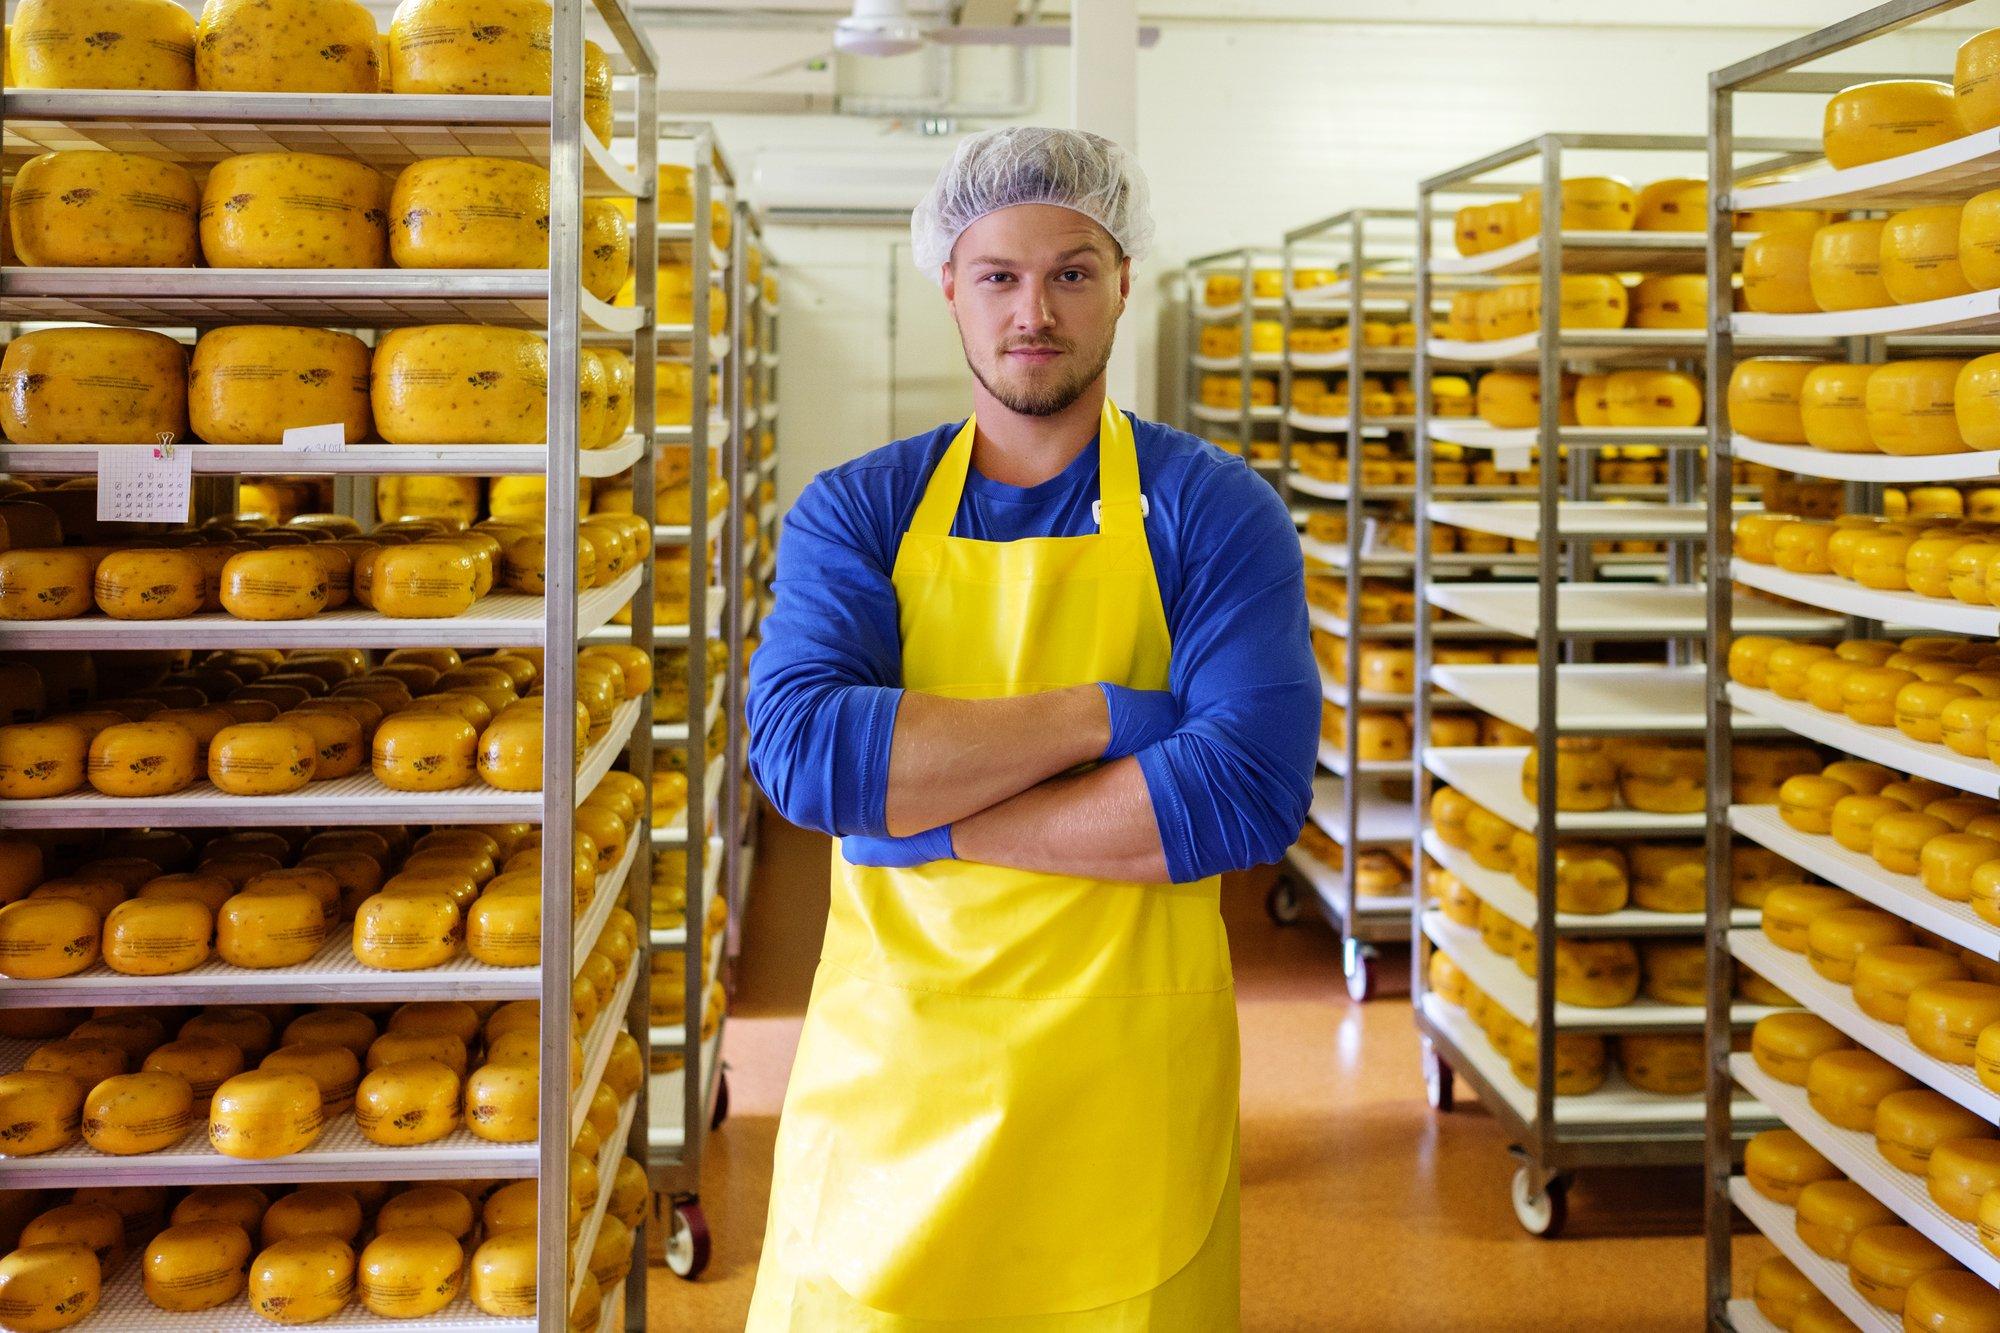 depositphotos 152887144 l 2015.jpg?resize=636,358 - Vous aimez le fromage? Cette compagnie cherche à vous recruter!